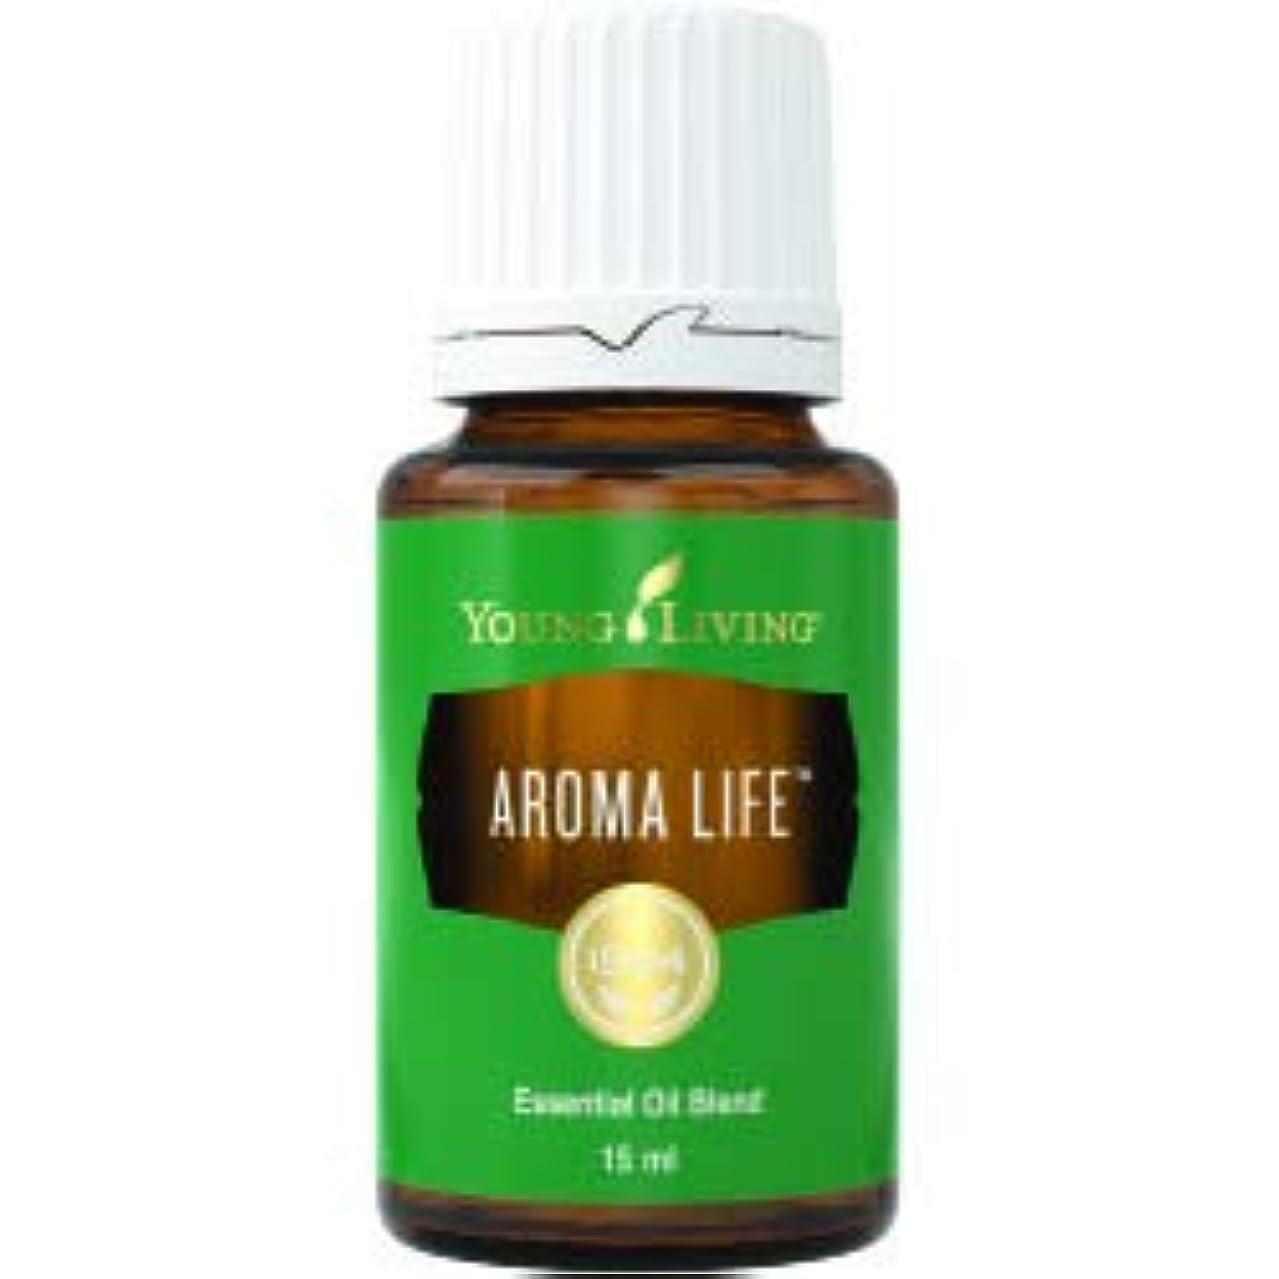 叙情的な医薬不公平アロマライフ™は、イランイランの調和効果と既知の大手サイプレス、ヘリクリサム、マジョラムを組み合わせたものです。オイルブレンドはあなたの生命力を活性化し、リラックスをもたらします Aroma Life Essential...